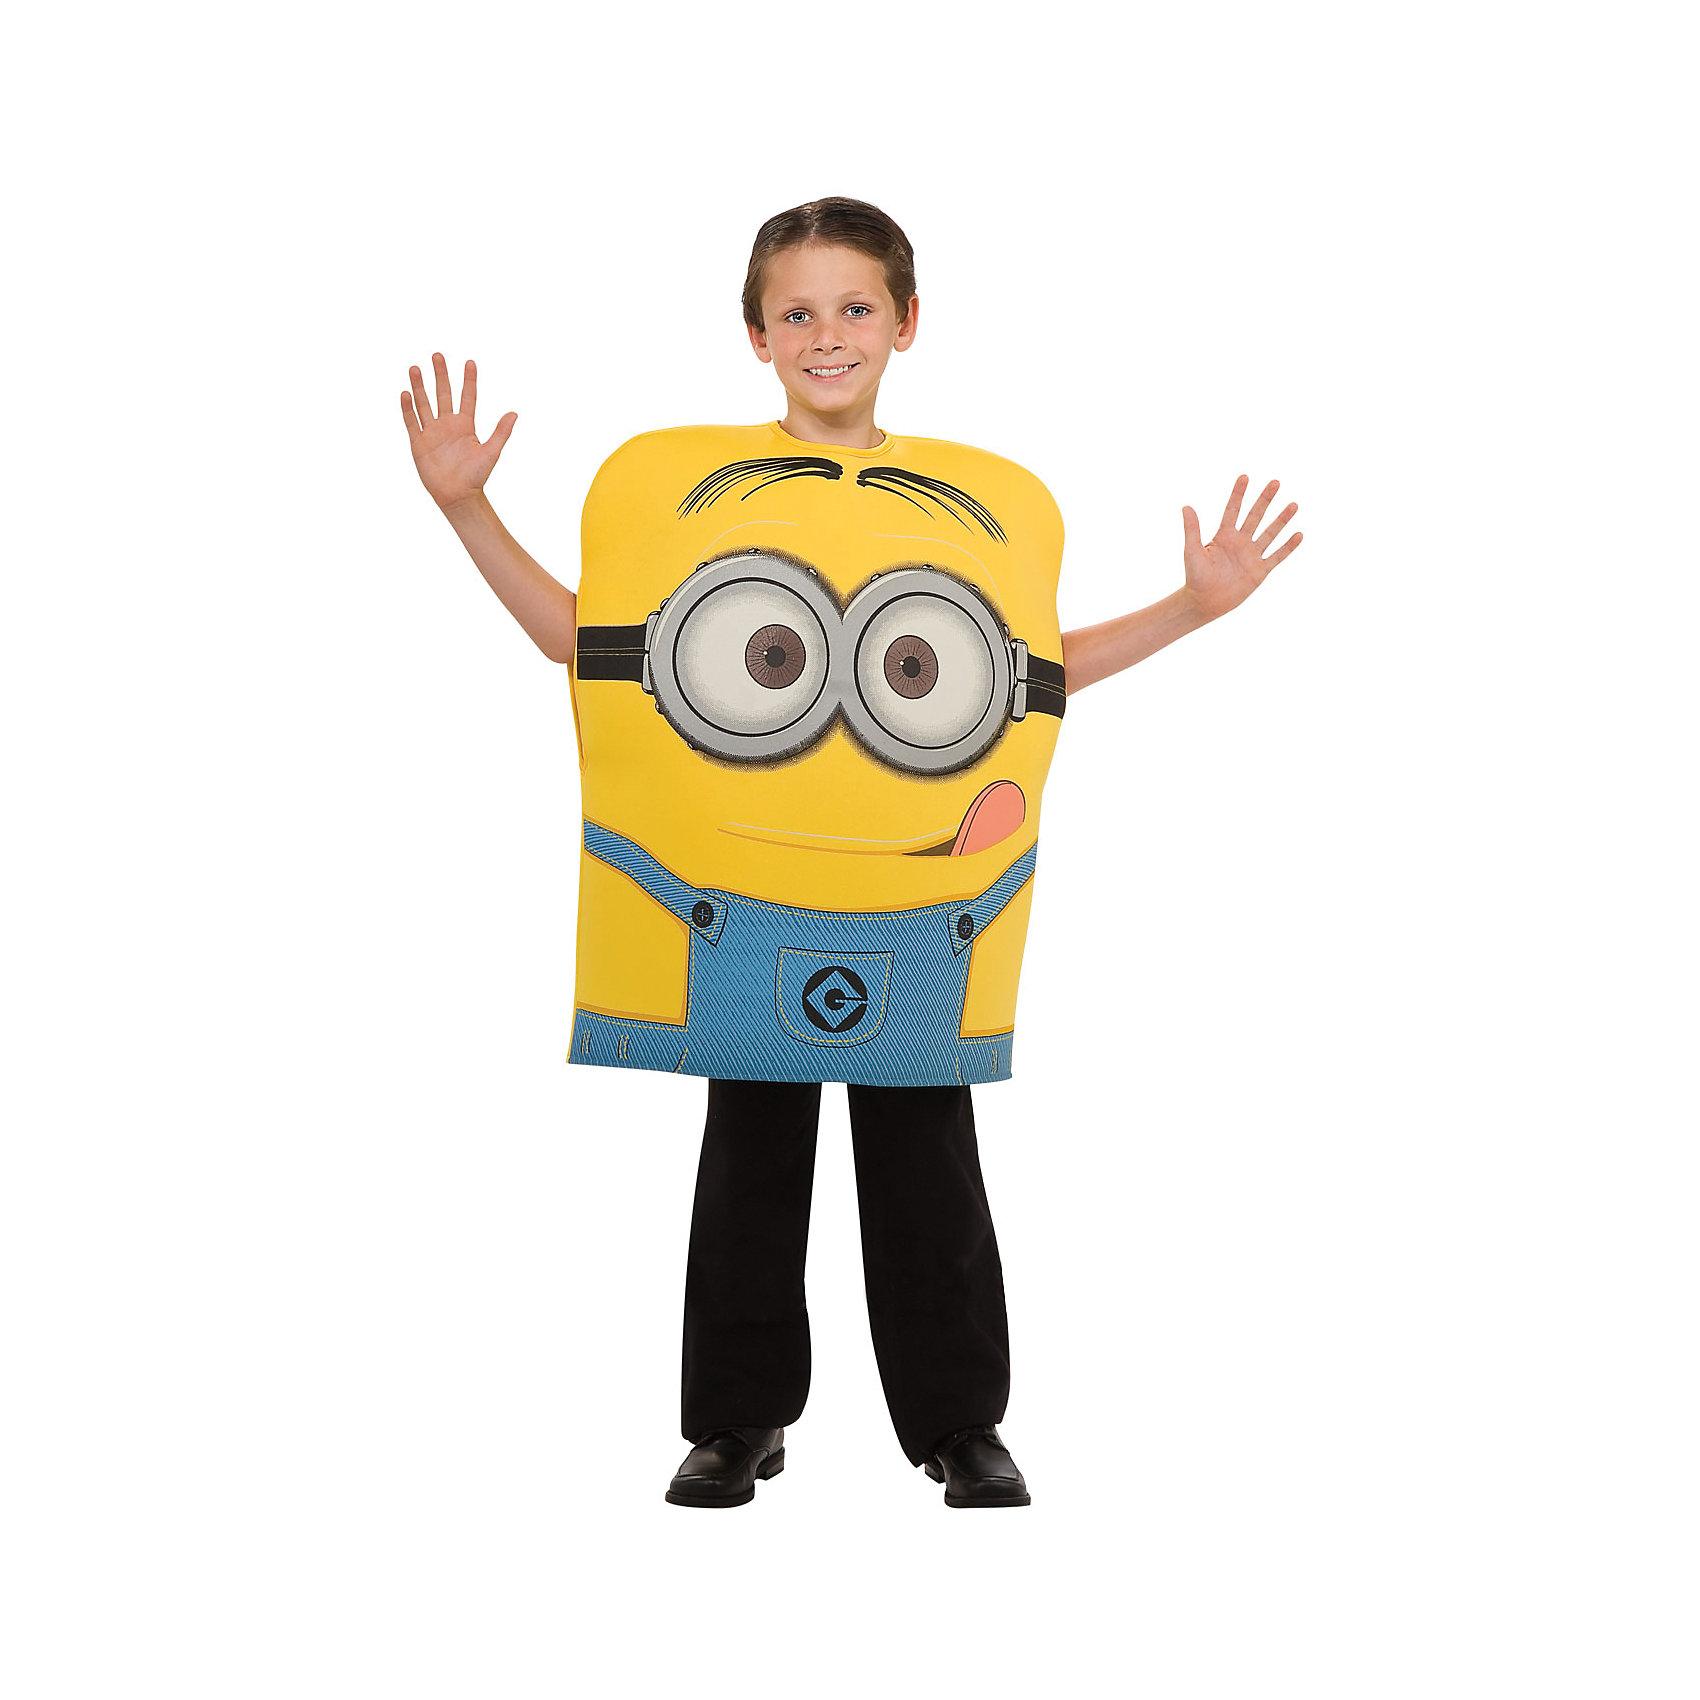 Карнавальный костюм Дэйв, Миньоны , размер MКарнавальный костюм - прекрасный подарок, который создаст праздничную атмосферу и позволит детям почувствовать себя любимыми героями. Подарите вашему ребенку море позитива и положительных эмоций, пусть праздник запомнится надолго! Костюм выполнен из высококачественных экологичных материалов, прекрасно смотрится на фигуре, легко стирается.<br><br>Дополнительная информация:<br><br>- Материал: полиэстер.<br>- Цвет: желтый, голубой.<br>- Комплектация: комбинезон.<br>- Размер: М ( рост - 116 см)<br><br>Карнавальный костюм Дэйв, Миньоны , размер M, можно купить в нашем магазине.<br><br>Ширина мм: 440<br>Глубина мм: 30<br>Высота мм: 370<br>Вес г: 400<br>Возраст от месяцев: 60<br>Возраст до месяцев: 72<br>Пол: Мужской<br>Возраст: Детский<br>SKU: 4223112